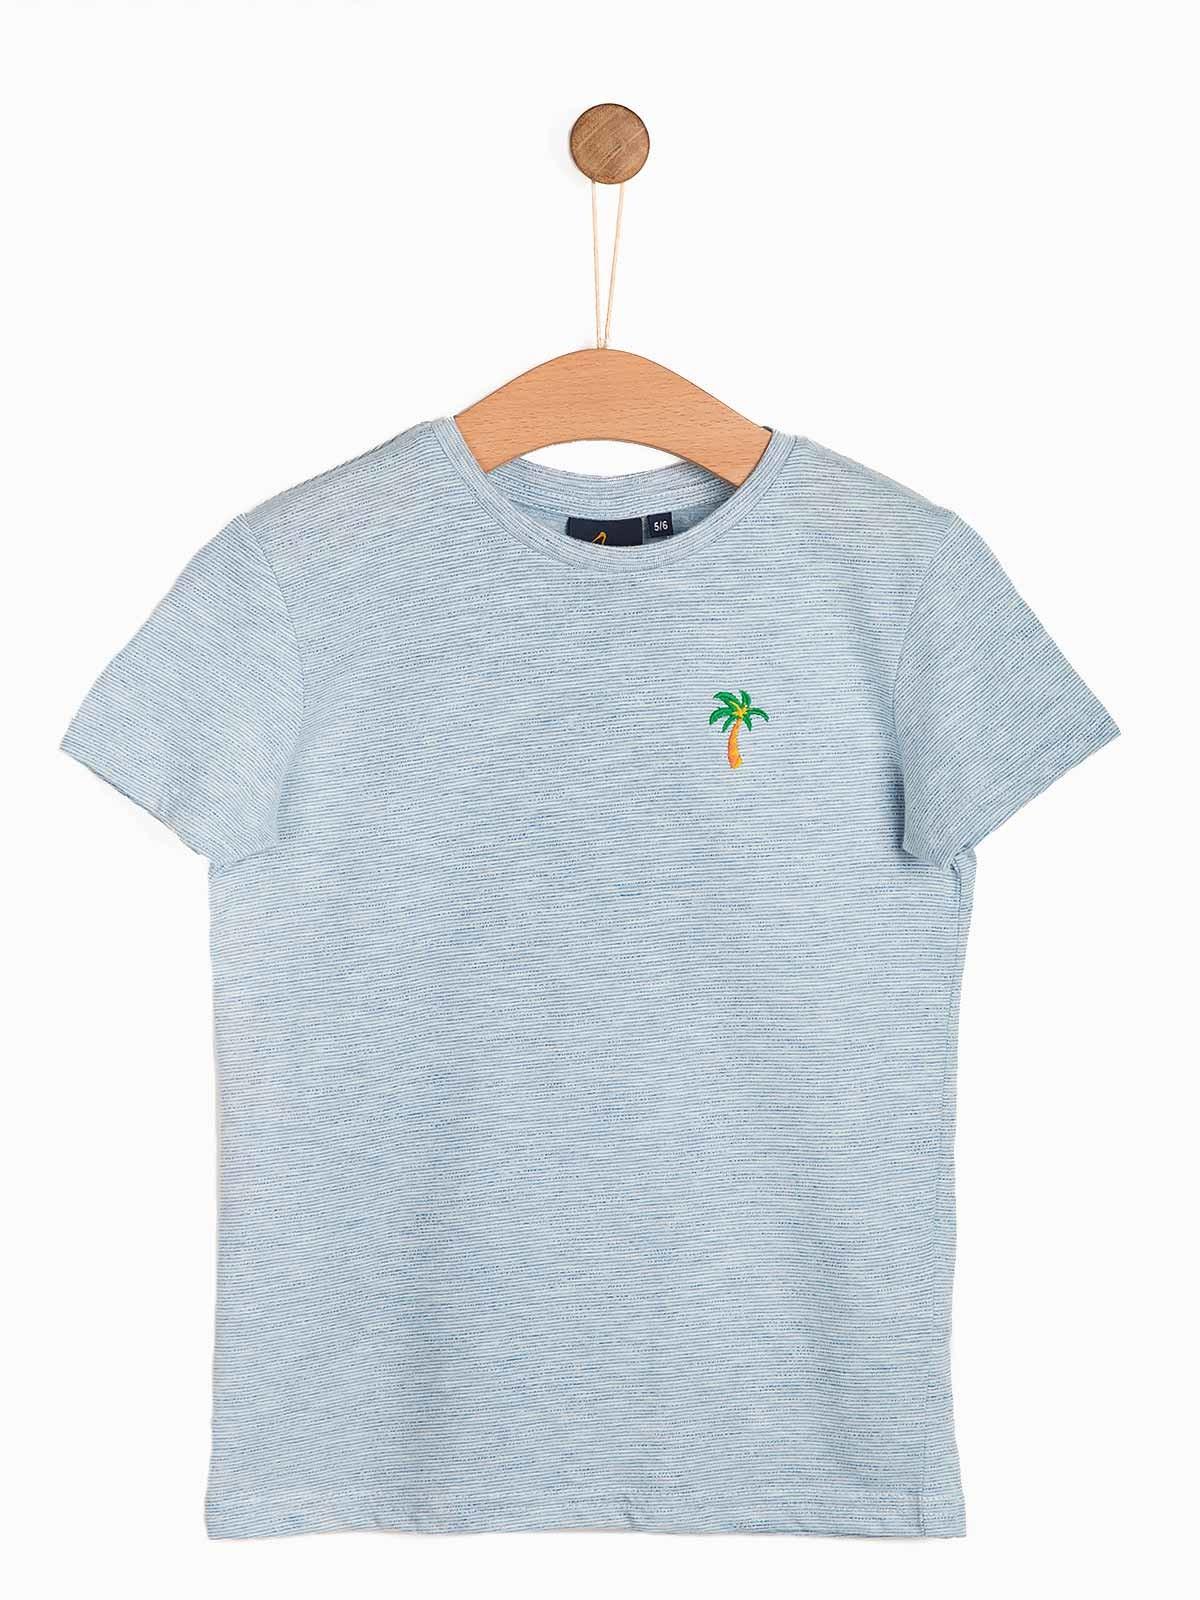 T-shirt criança menino riscas